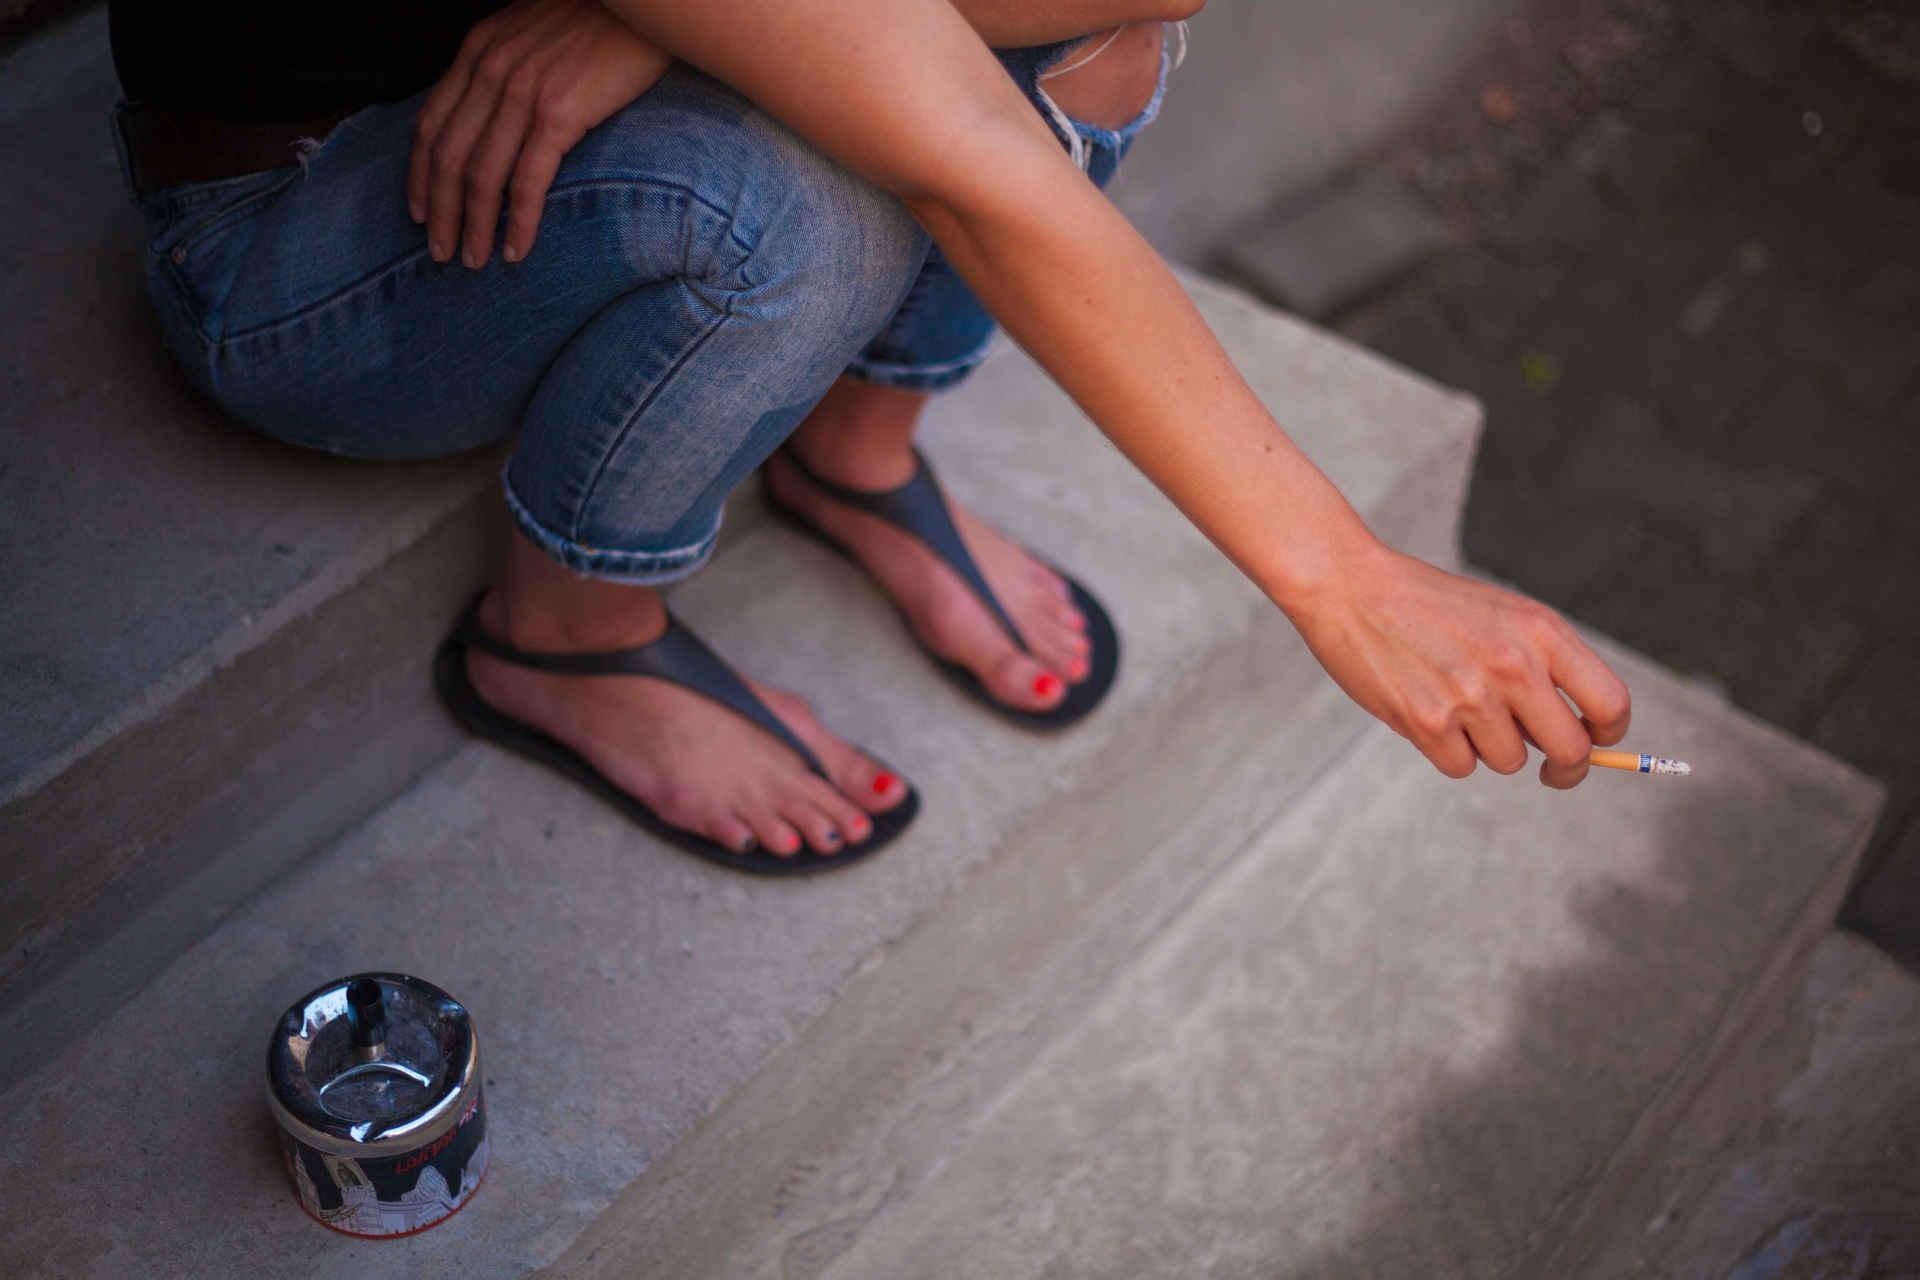 Rauchen und Umwelt: Frau raucht mit Aschenbecher